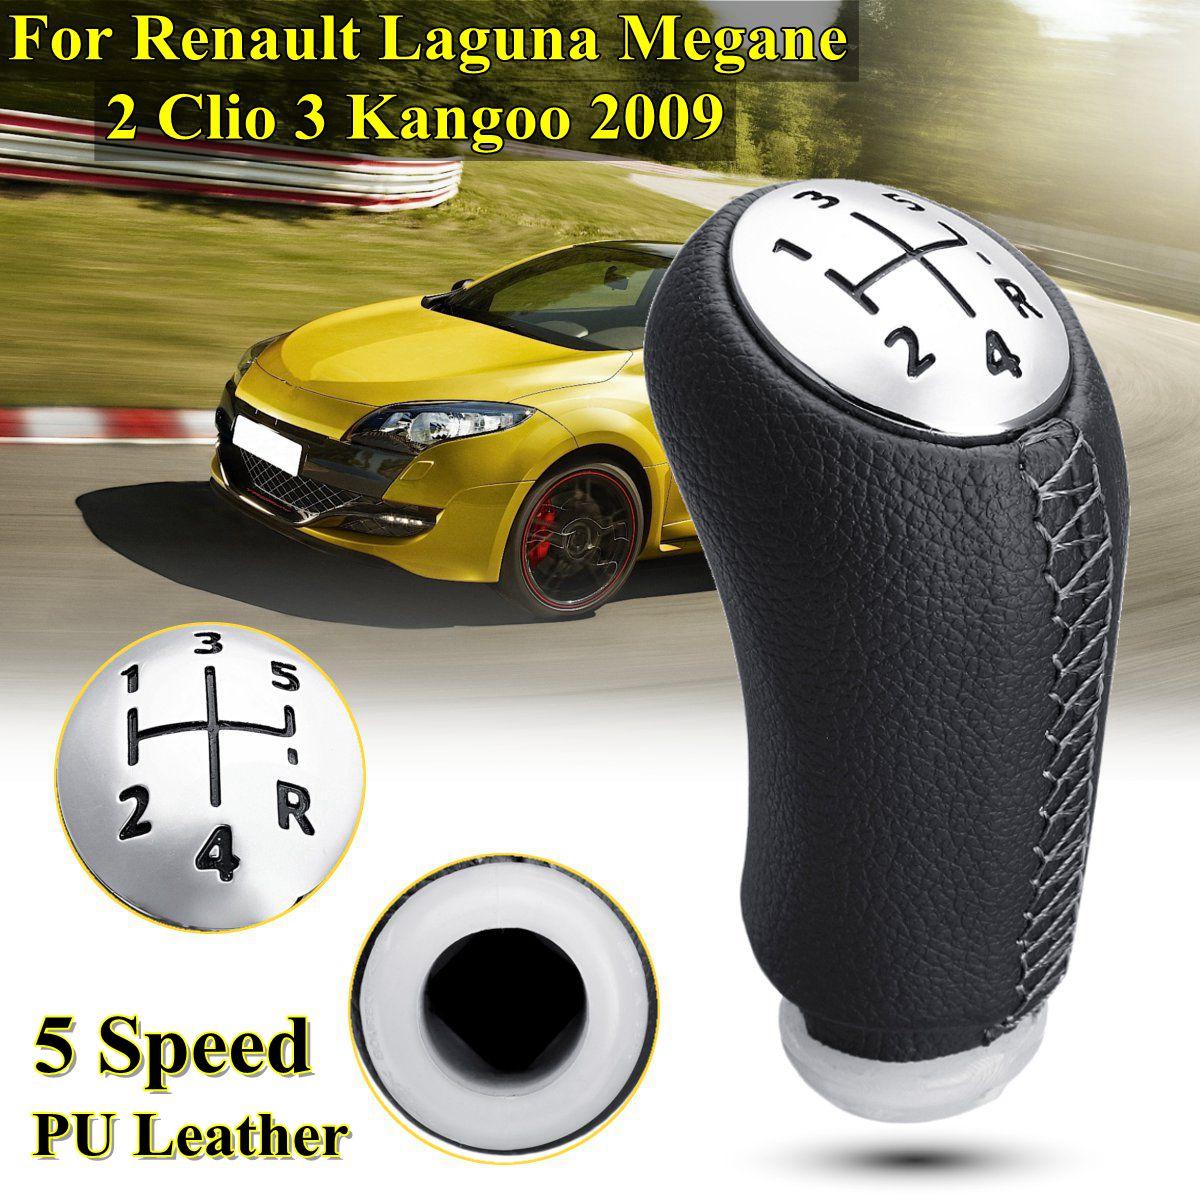 1 Pcs Leder Glanz Matt Farbe 5 Geschwindigkeit Auto Schaltknauf Kopf Stick für RENAULT Laguna Megane 2 Clio 3 2003-2009 Kangoo 2009